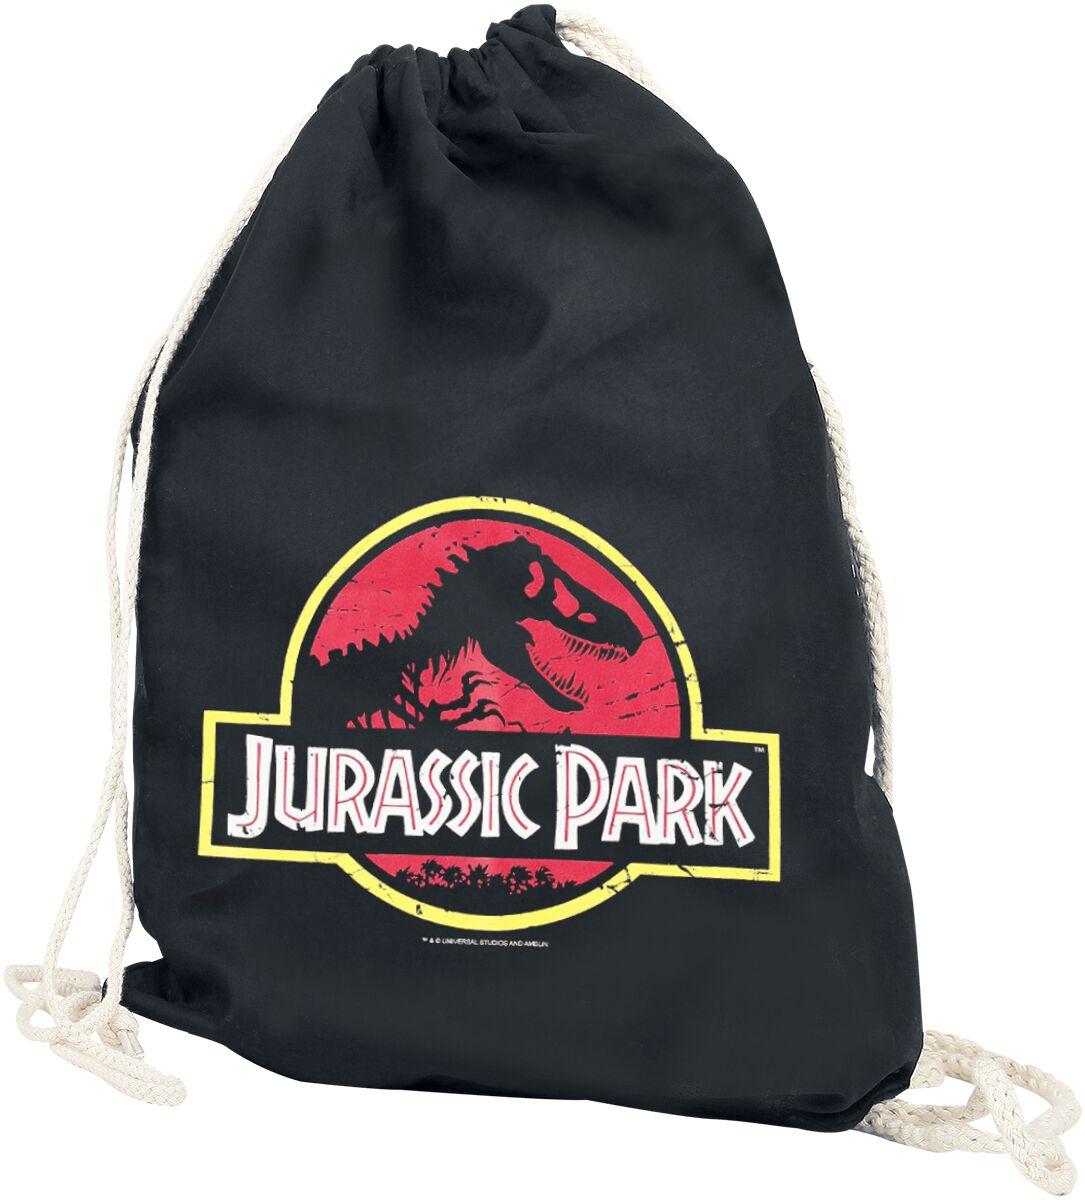 Sporttaschen - Jurassic Park Jurassic Park Logo Turnbeutel schwarz  - Onlineshop EMP